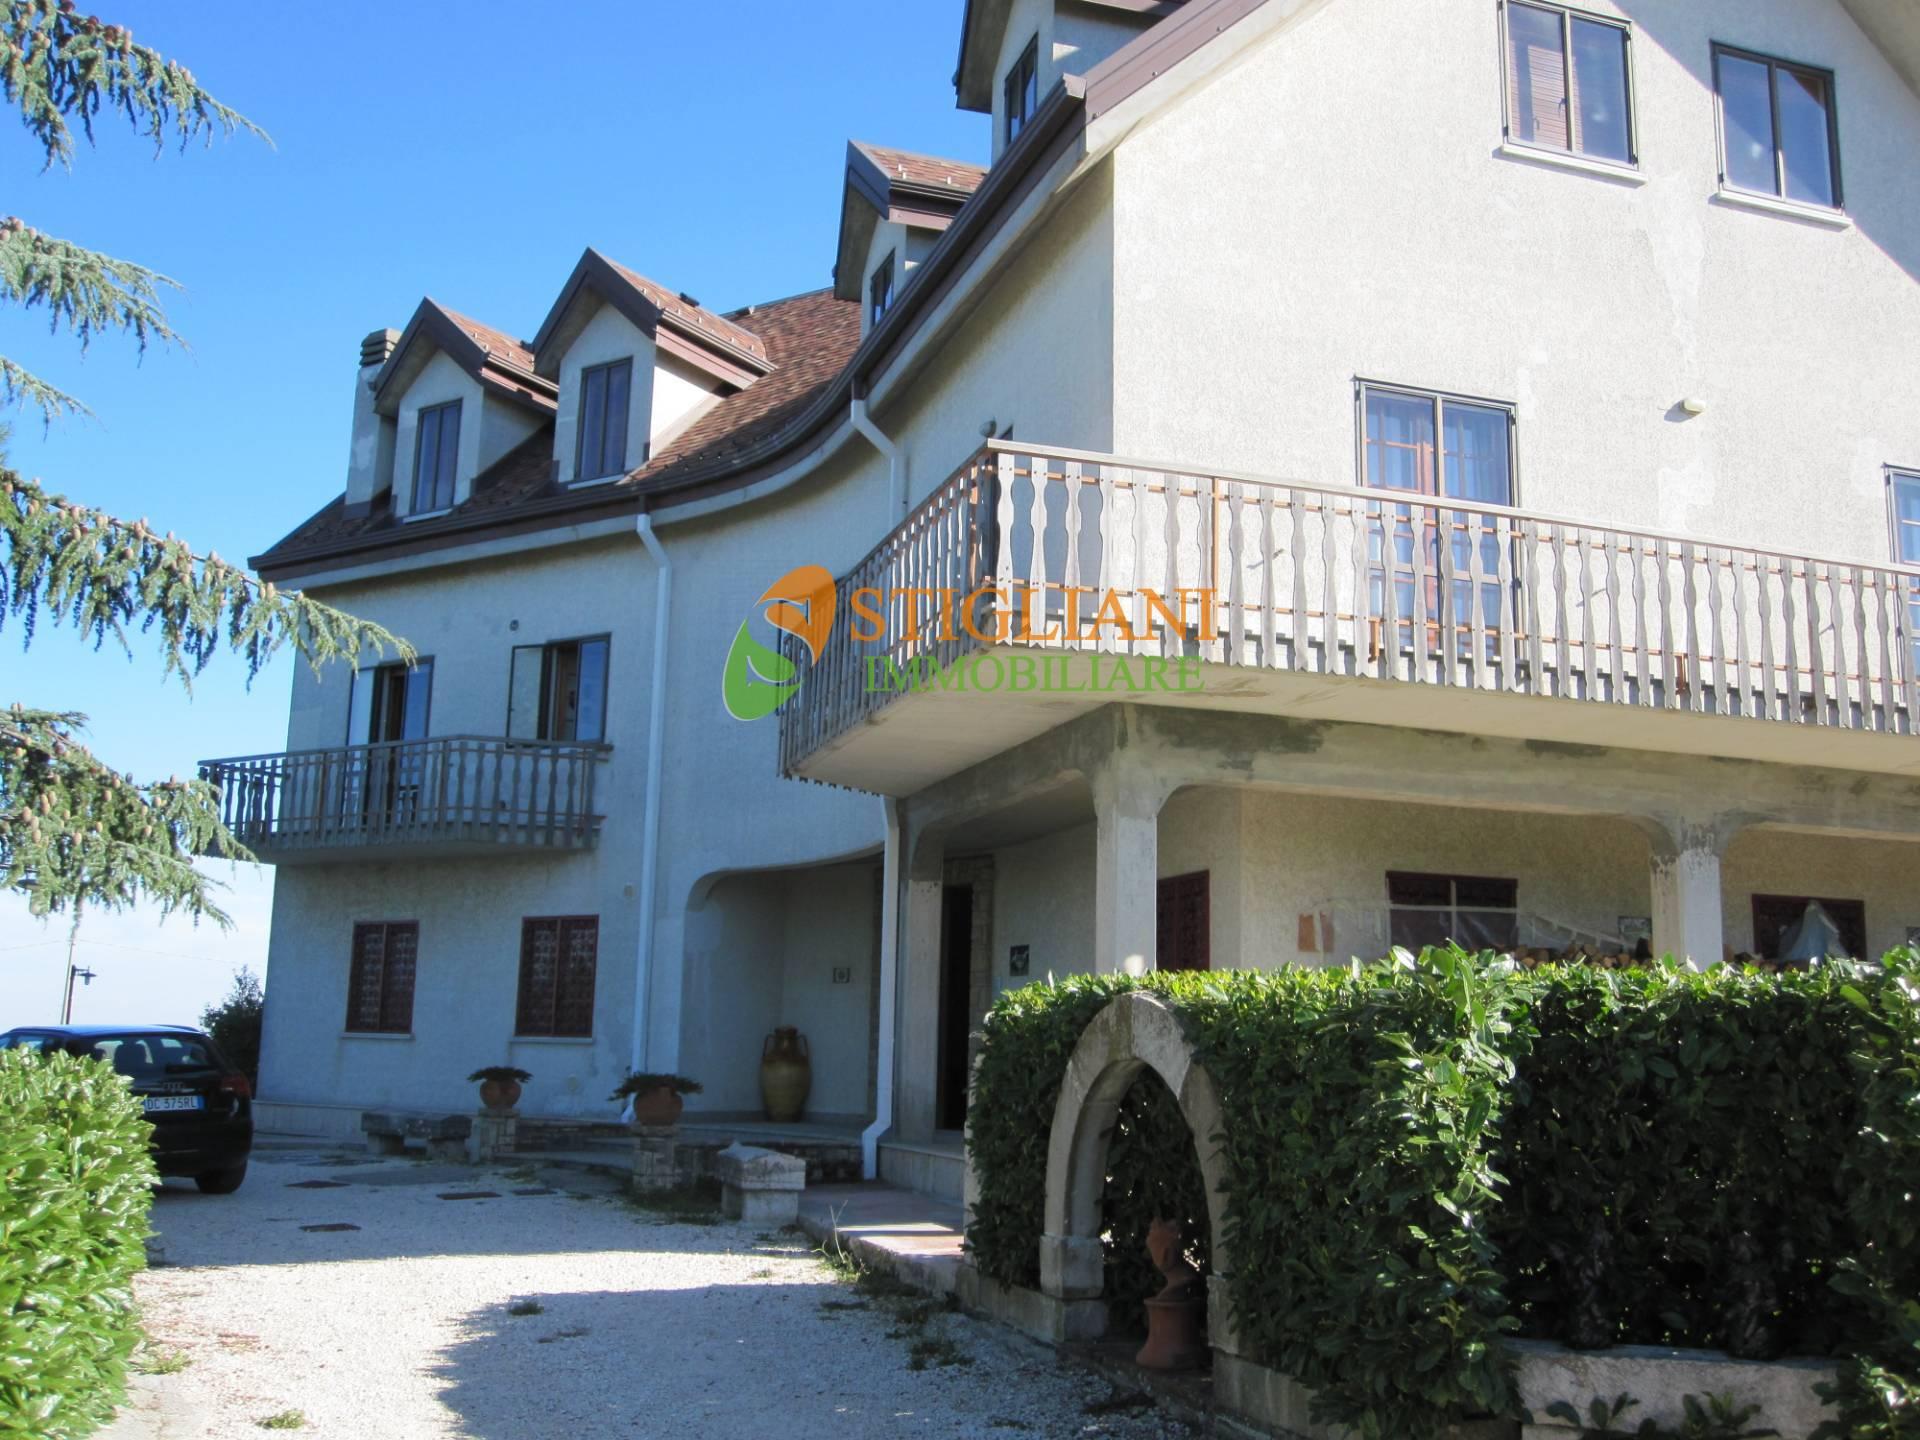 Appartamento in affitto a Campobasso, 4 locali, zona Località: Periferia, prezzo € 500   CambioCasa.it